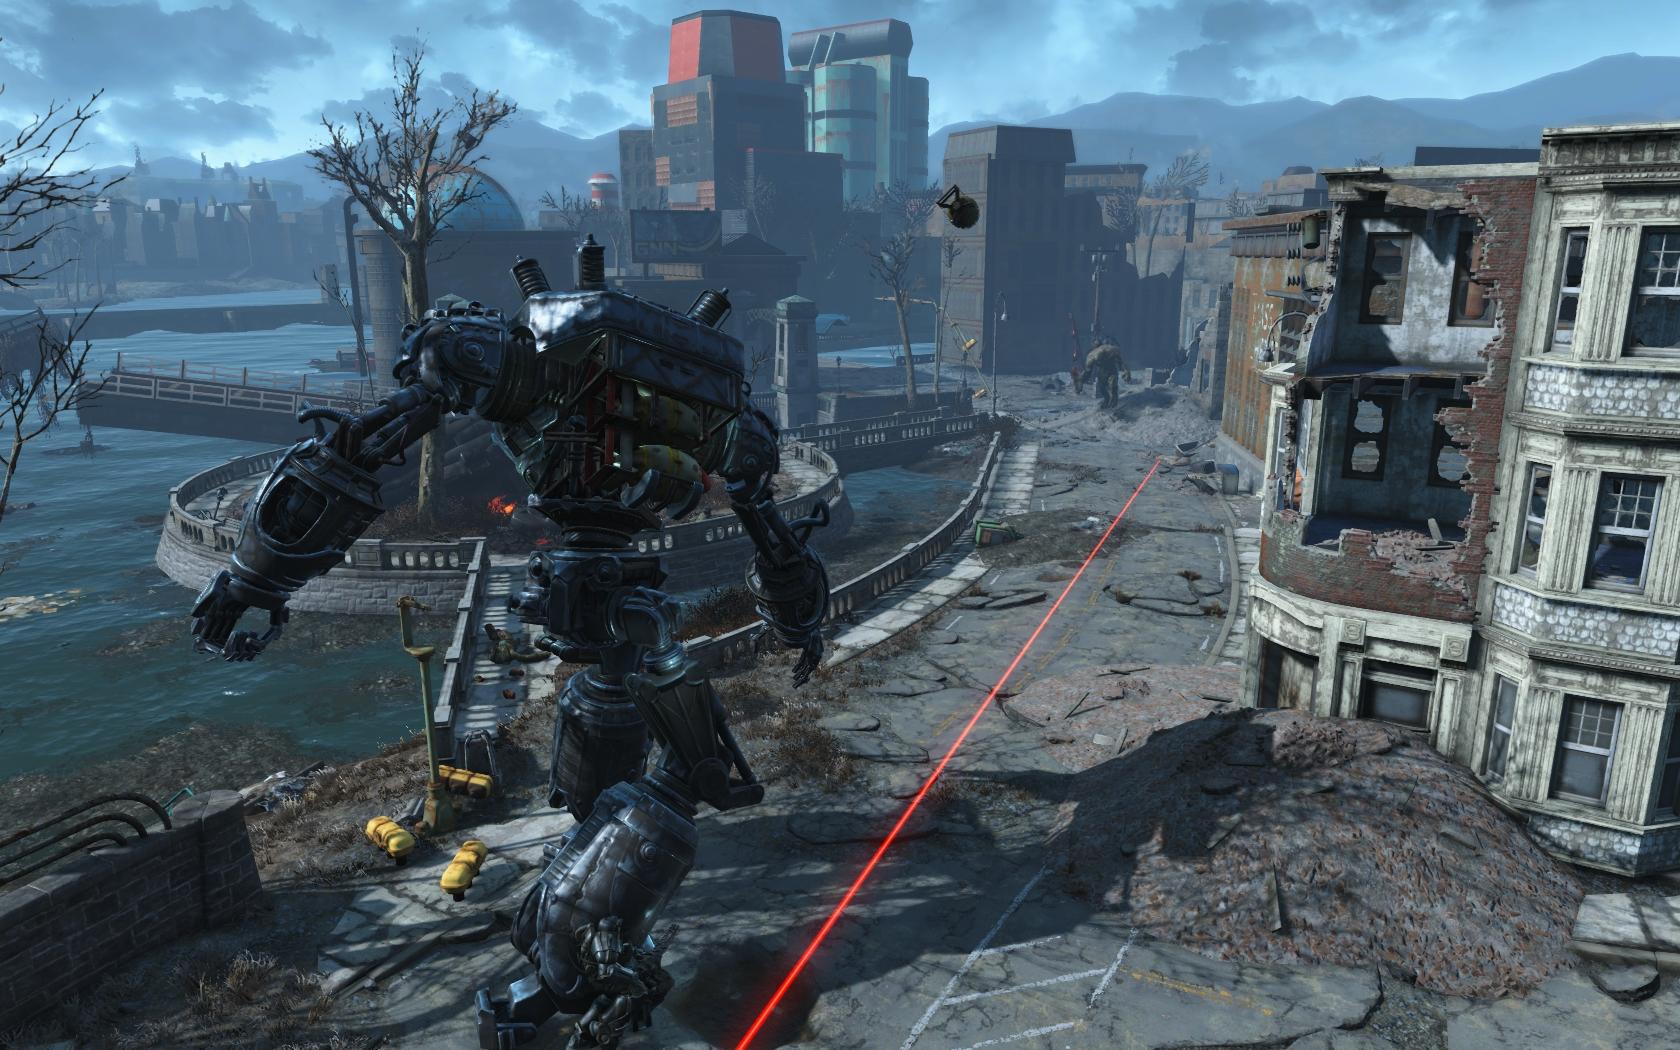 Либерти Прайм (квест Ad Victoriam) #09 - Fallout 4 Братство Стали, Либерти Прайм